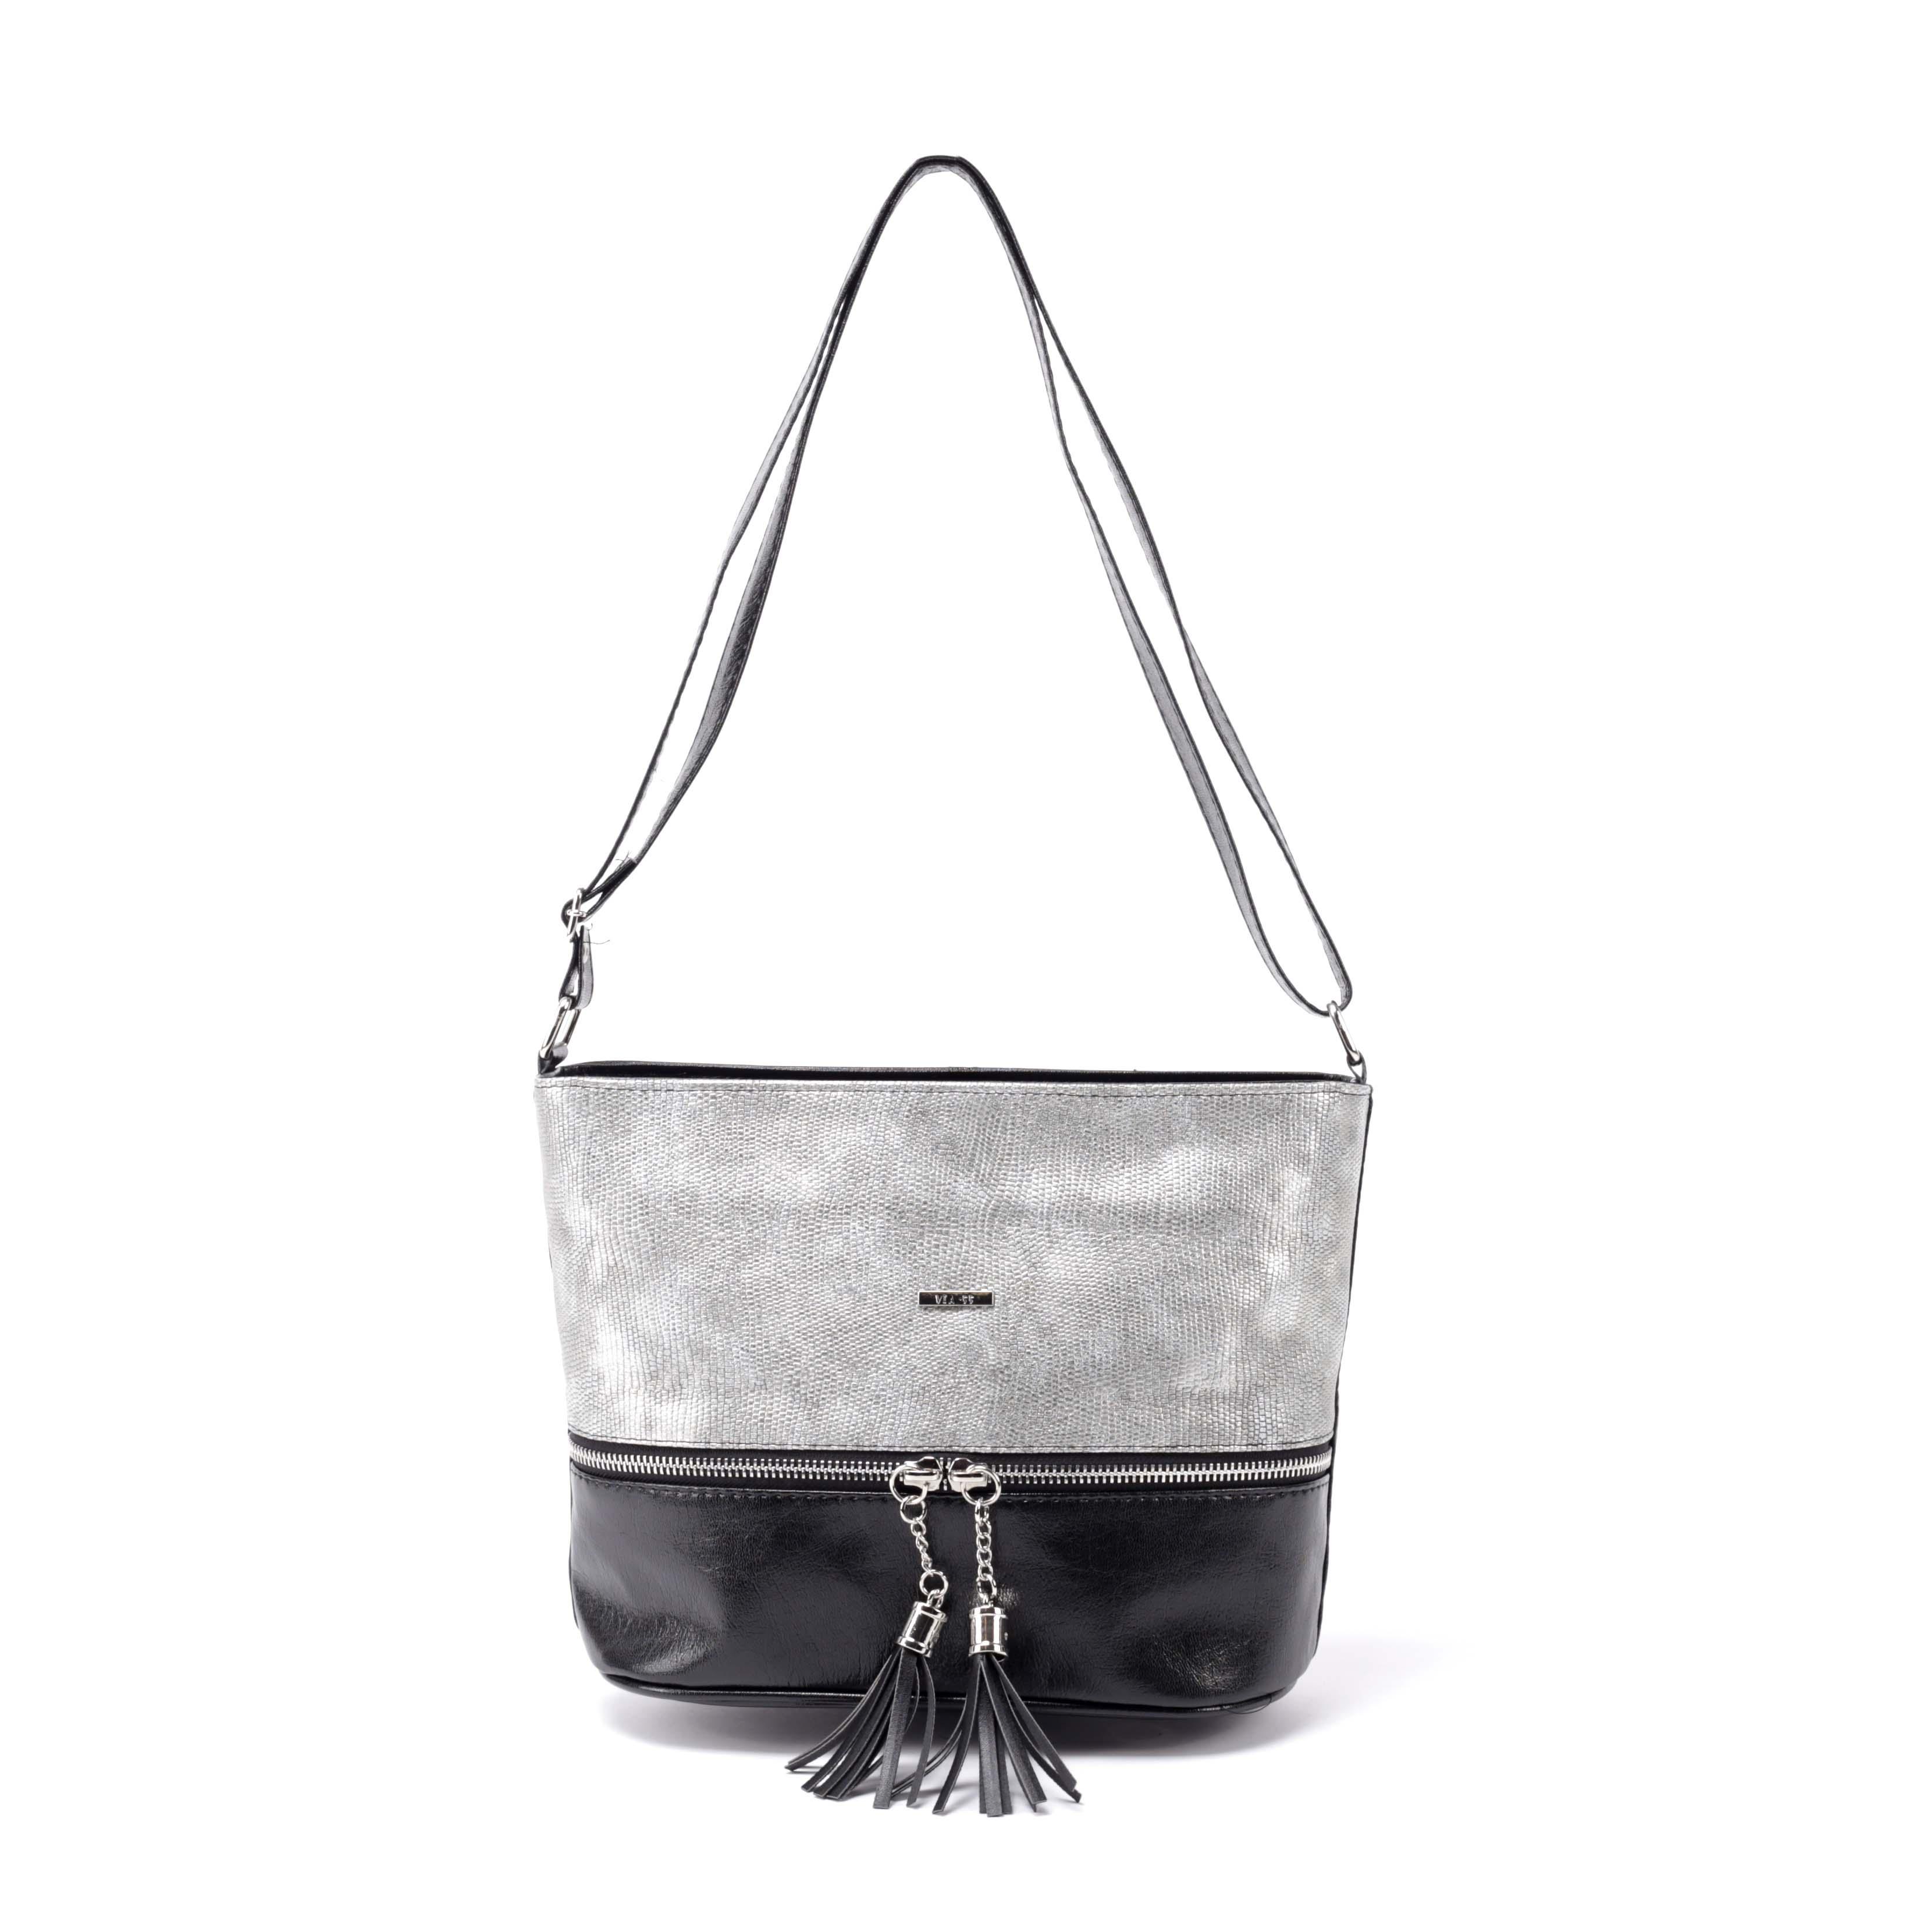 Via 55 Elegáns Kis Méretű Alkalmi Fekete Ezüst Átvetős Oldaltáska -  Átvetős Oldaltáskák - Táska webáruház - Minőségi táskák mindenkinek e20d665590